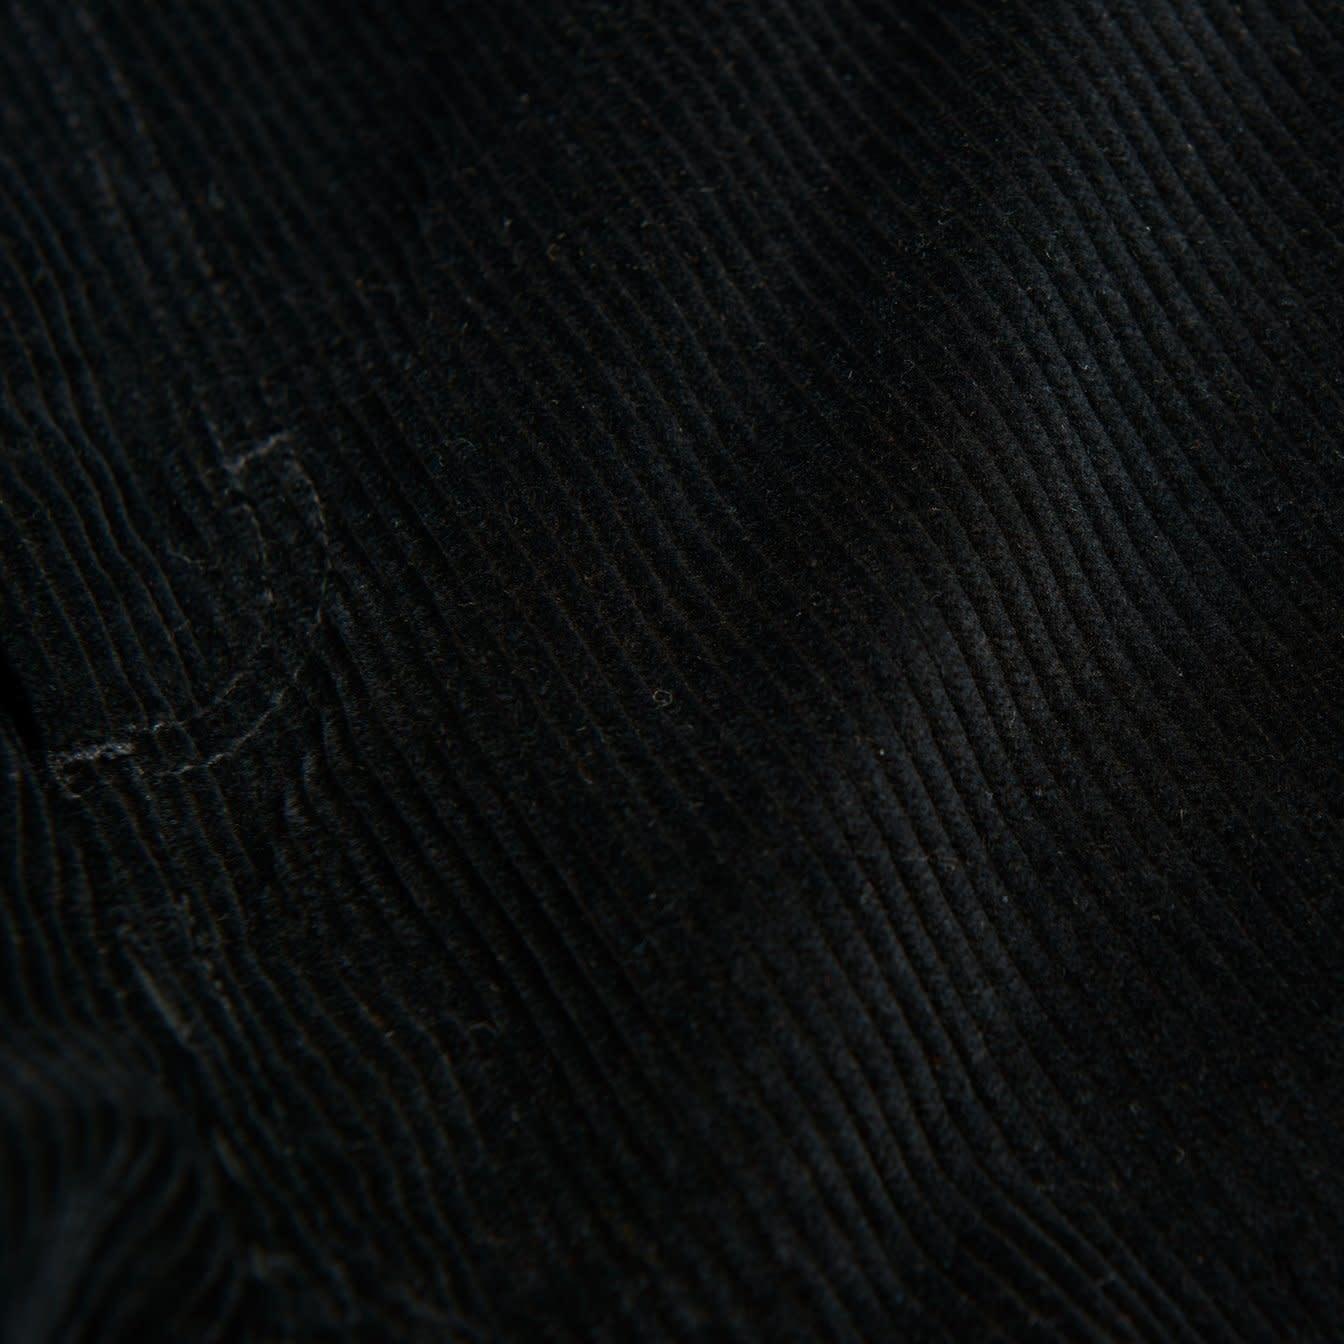 Polar Polar FA19 '93 Cords - Black